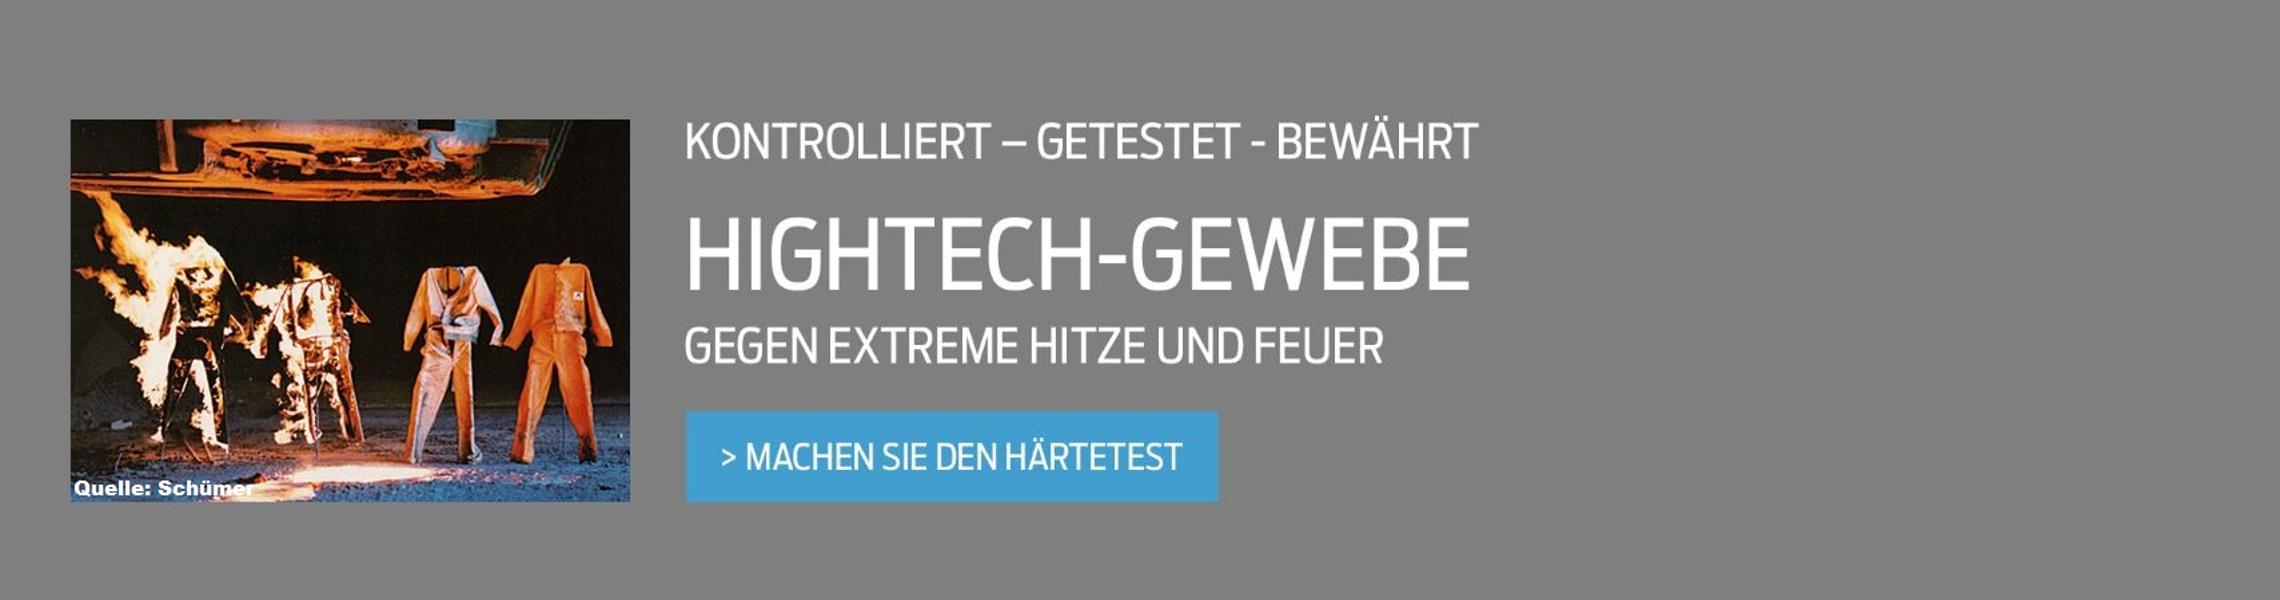 hightech-gewebe